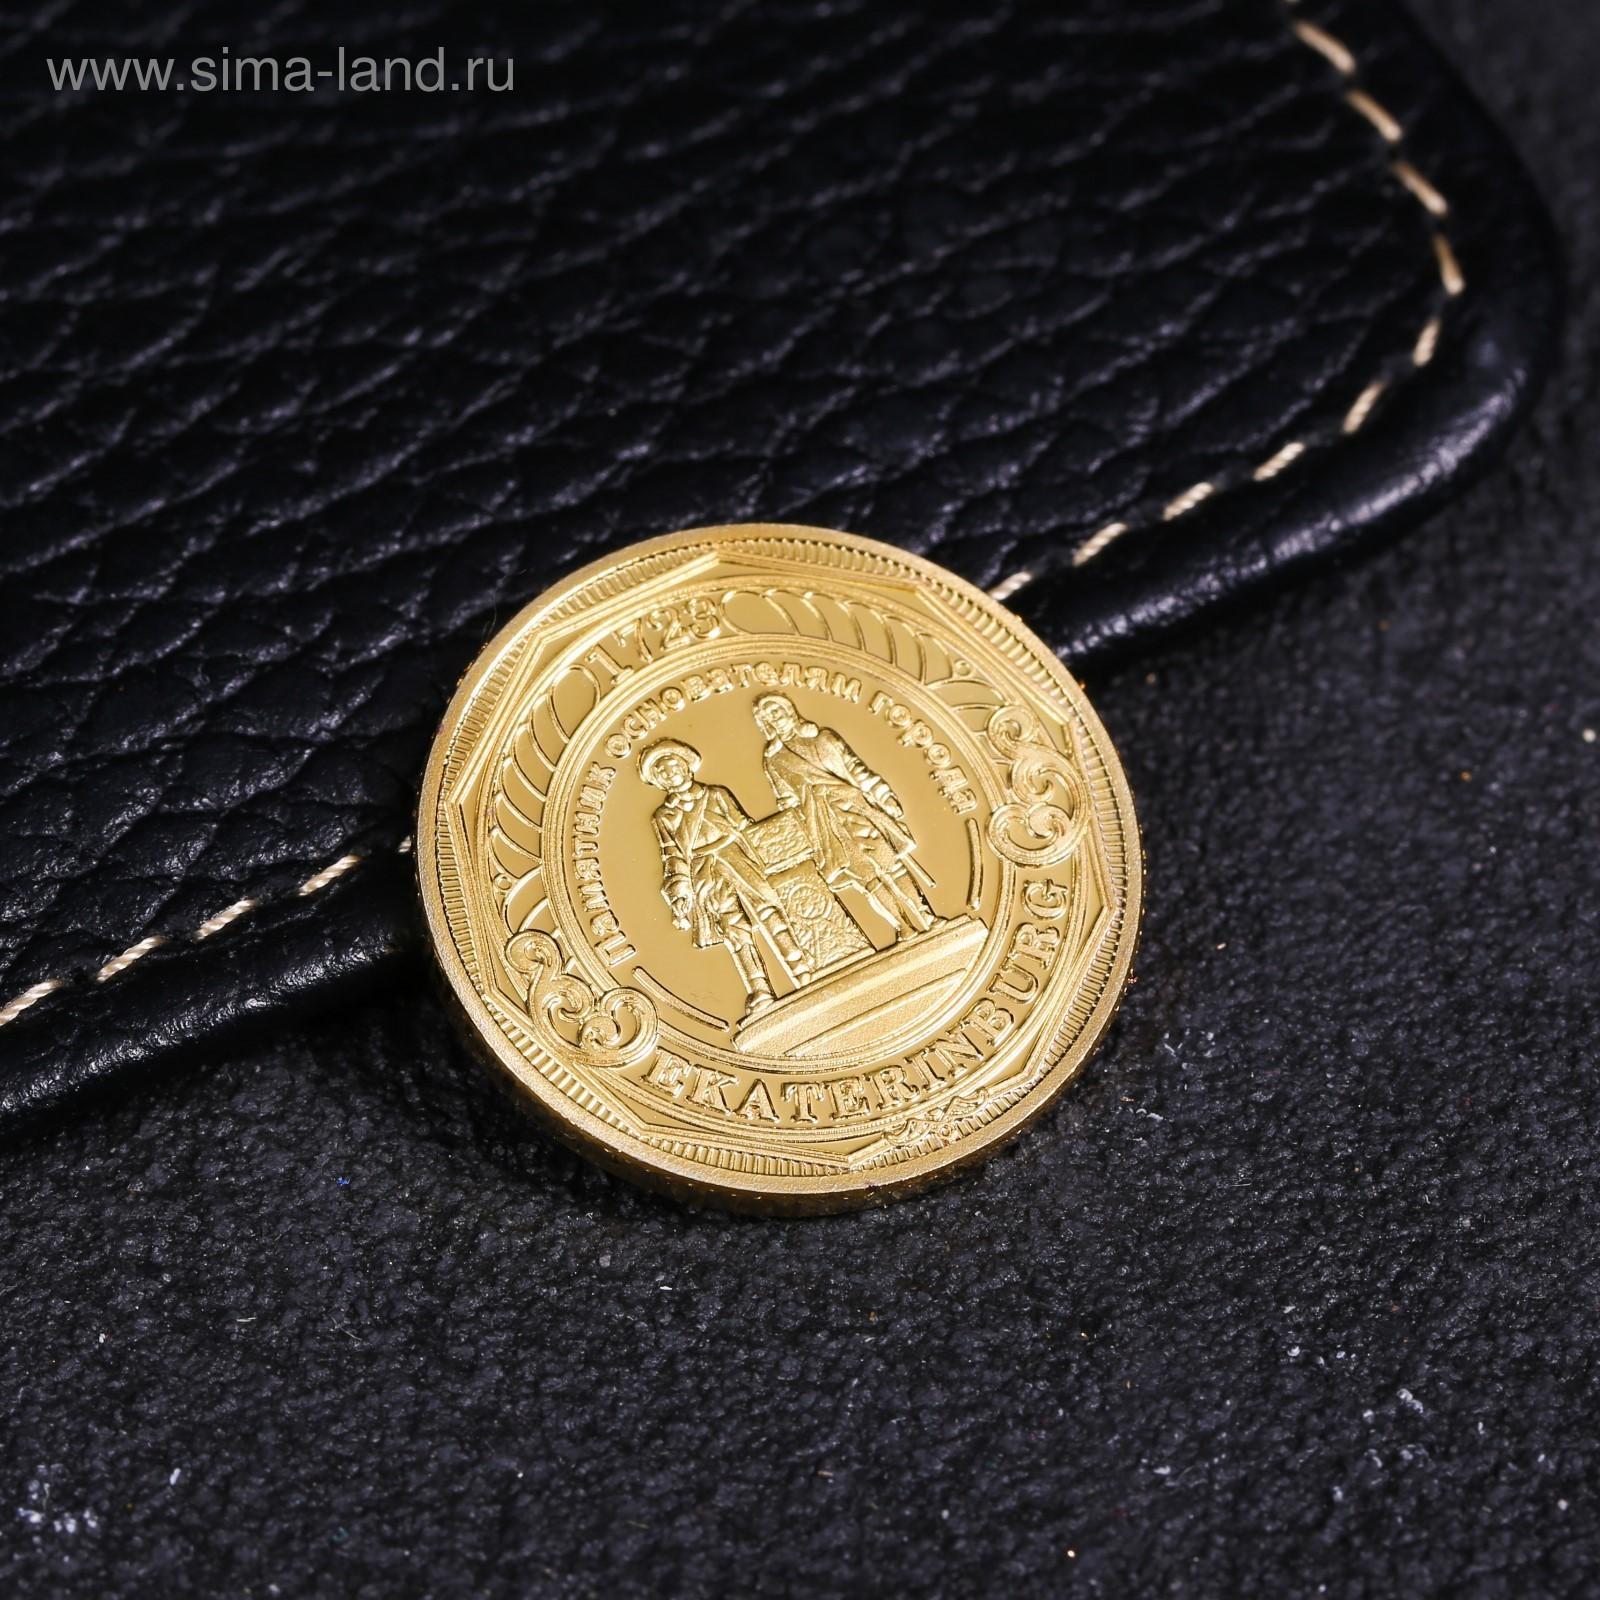 Монетка купить екатеринбург https fix price ru режим работы